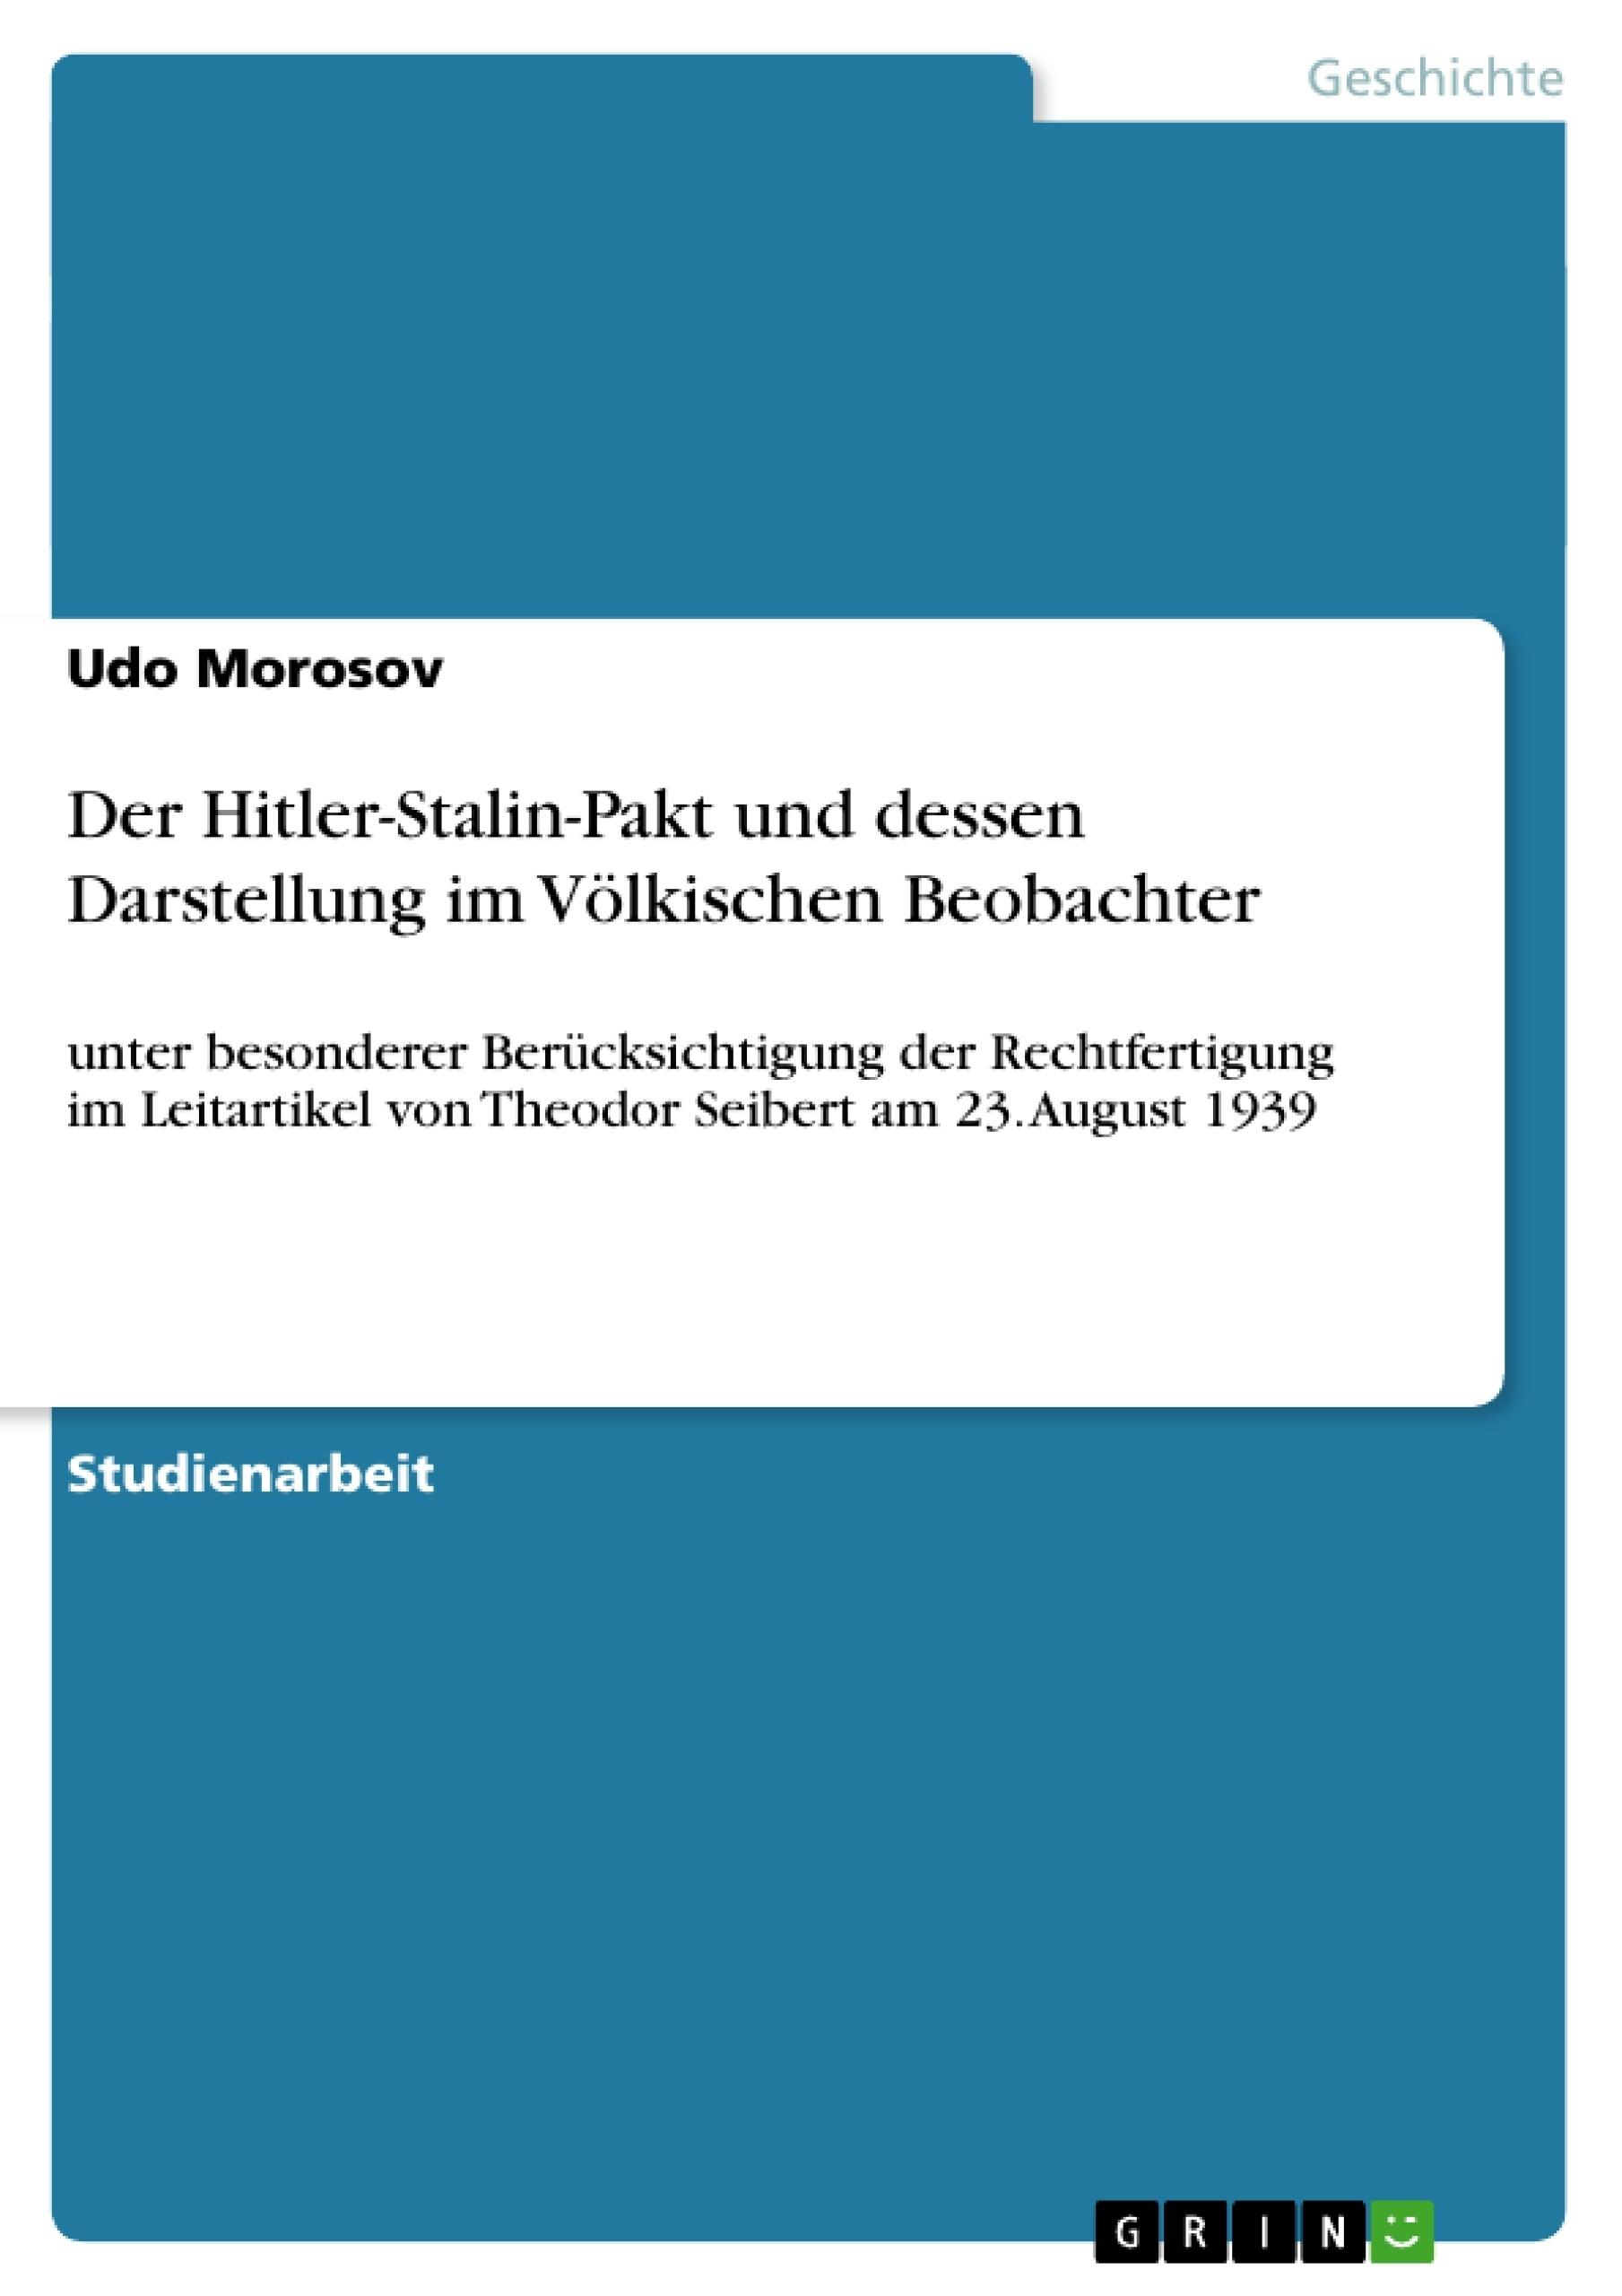 Titel: Der Hitler-Stalin-Pakt und dessen Darstellung im Völkischen Beobachter